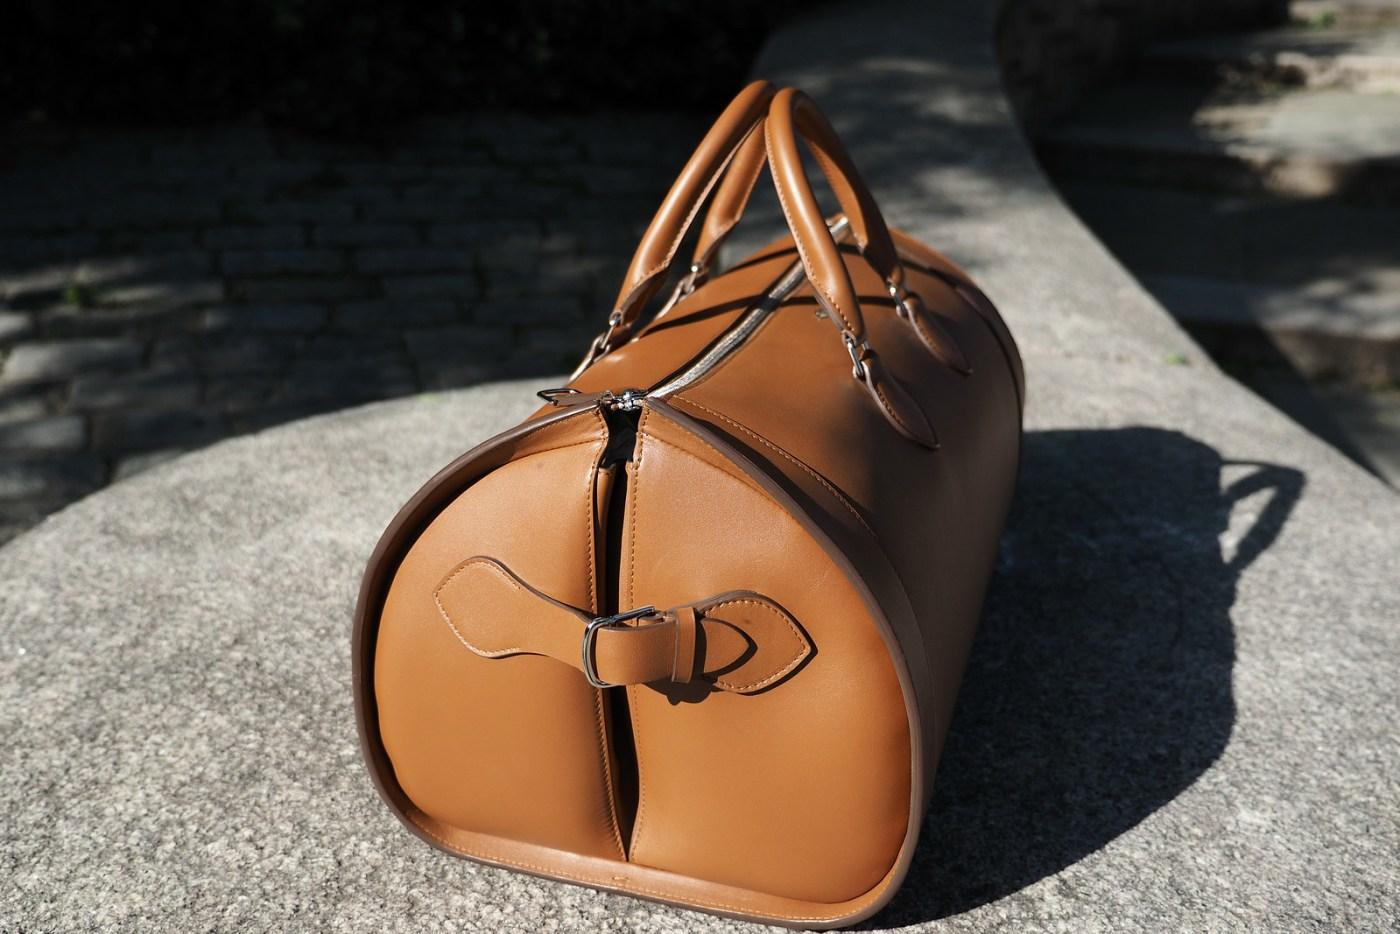 Louis Cartier 24 Hour Leather bag